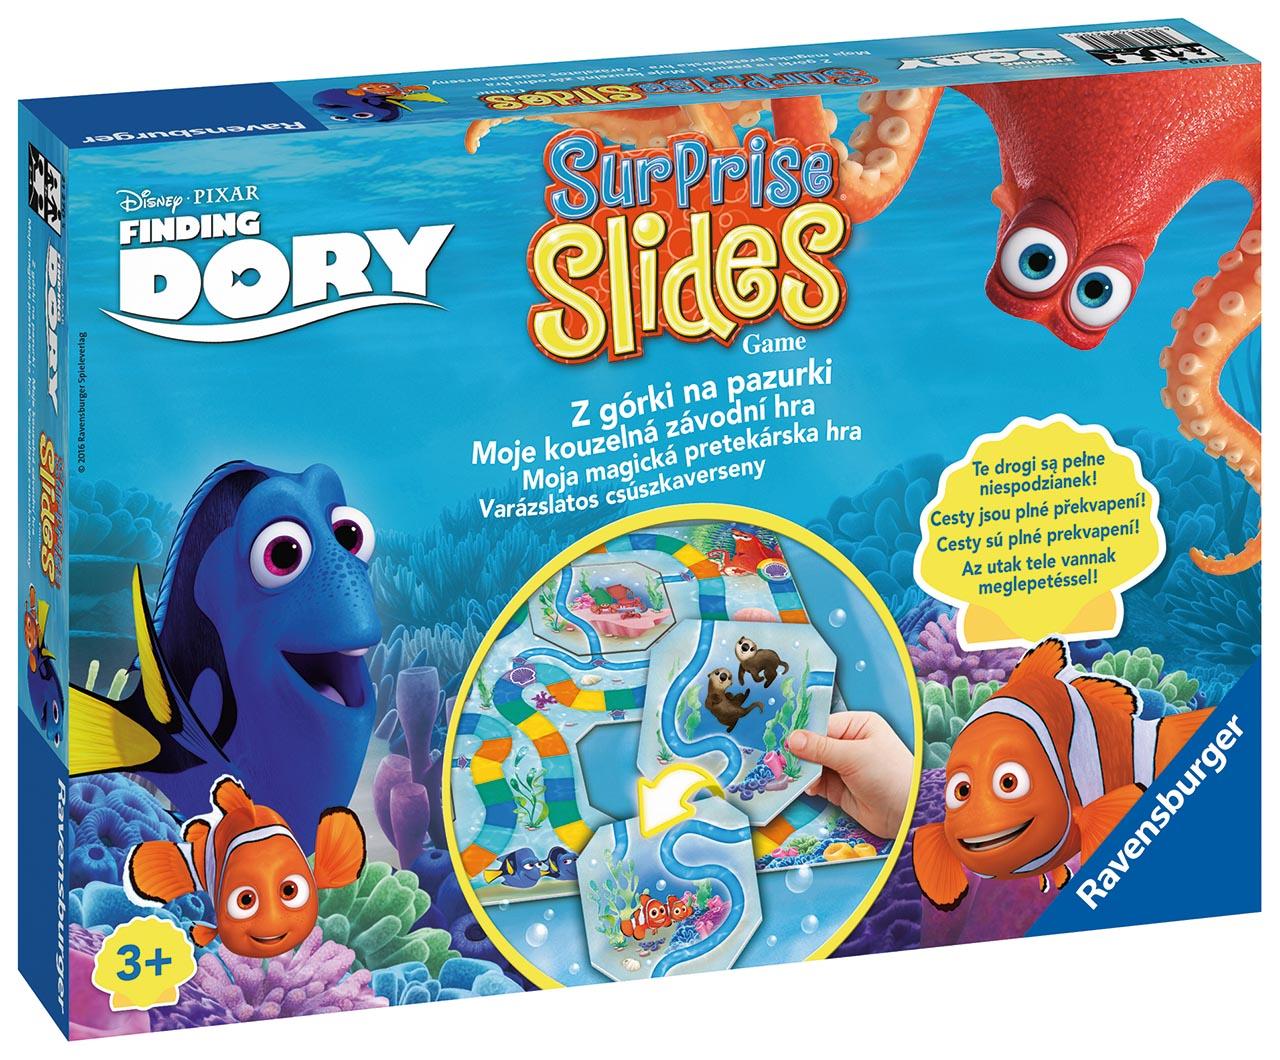 Disney hľadá sa Dory surpr. Sklíčka Game PL/HU/CZ/SK